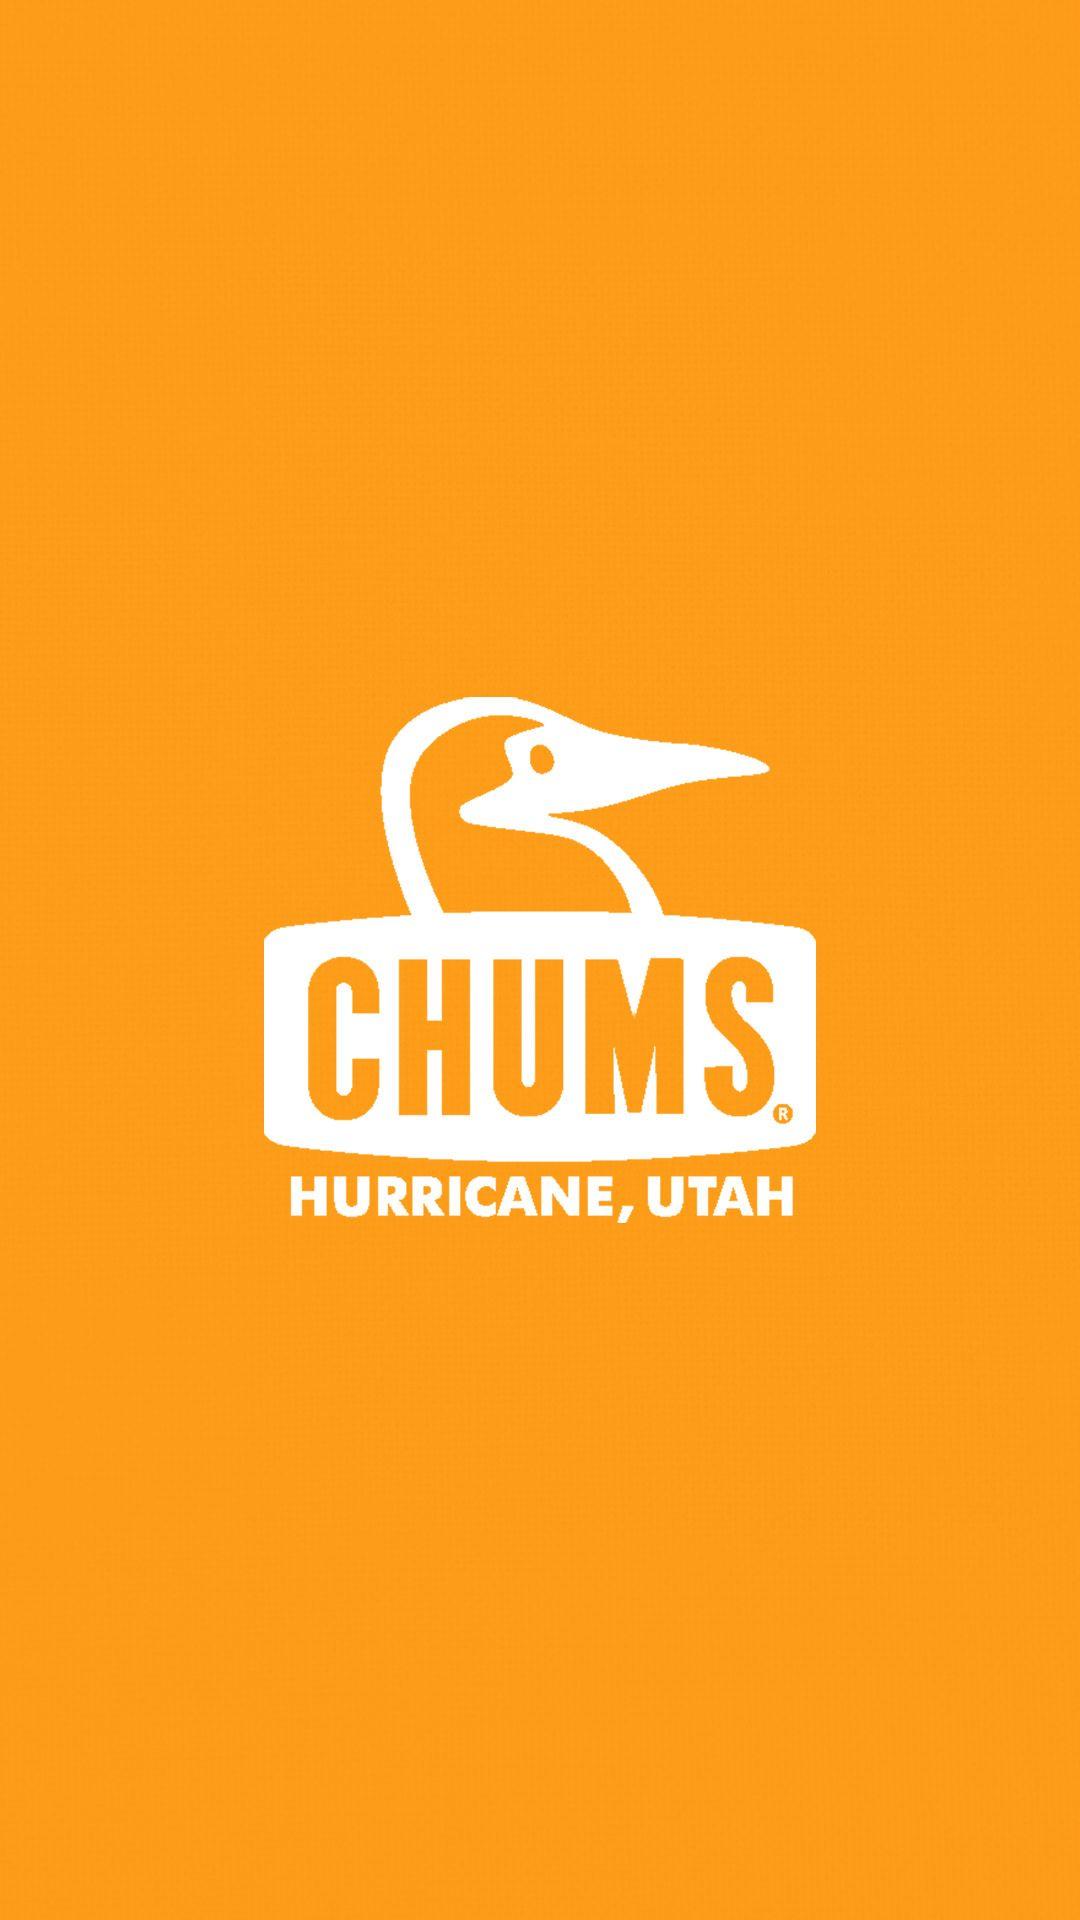 Chums33 チャムス ステッカー ロゴ 壁紙 パタゴニア ステッカー